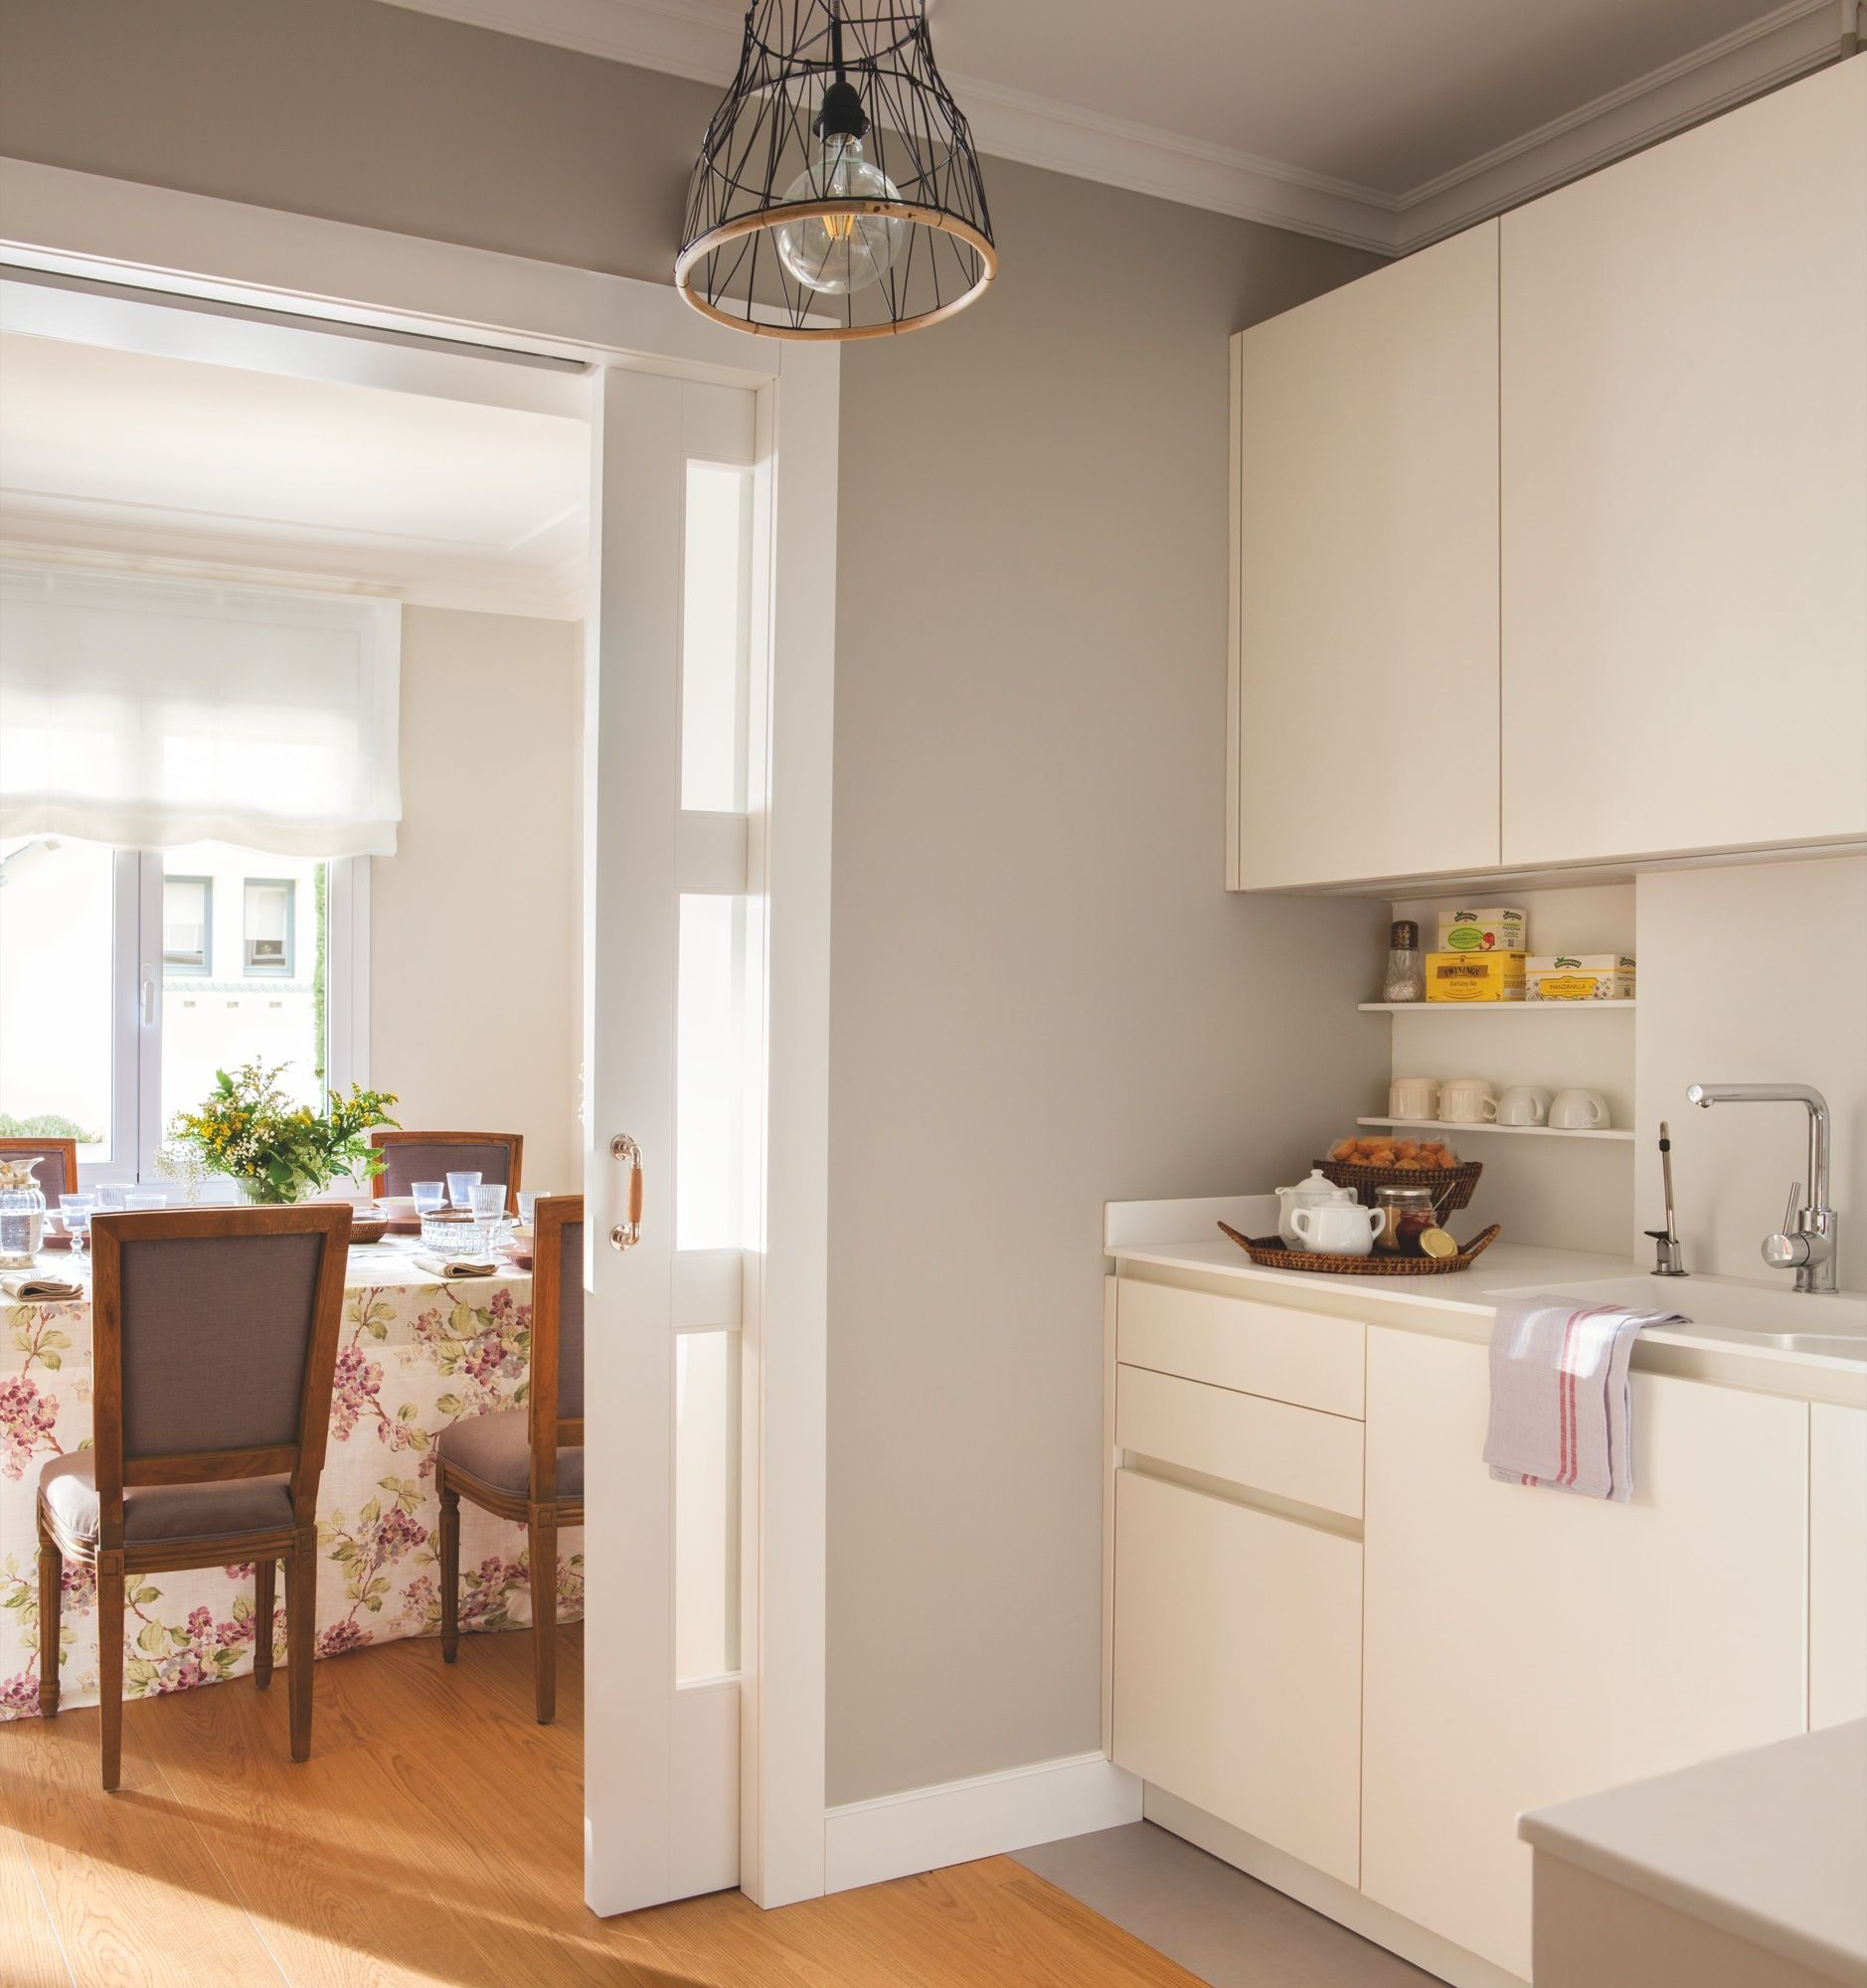 Cocina con muebles blancos paredes grises y puerta corredera con cuarterones de cristal - Puerta cristal cocina ...